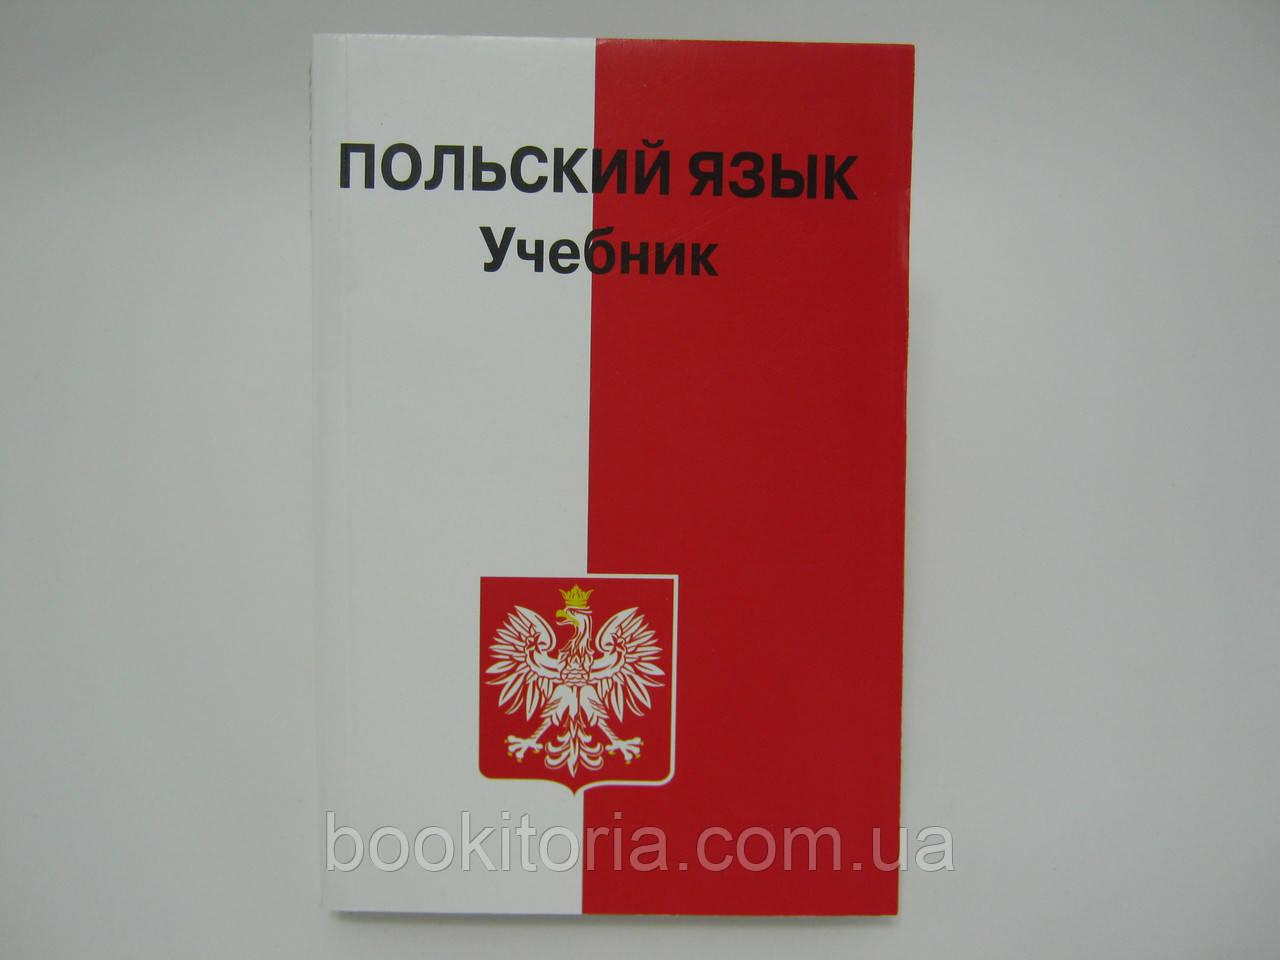 Кароляк С., Василевская Д. Польский язык. Учебник (польского языка).